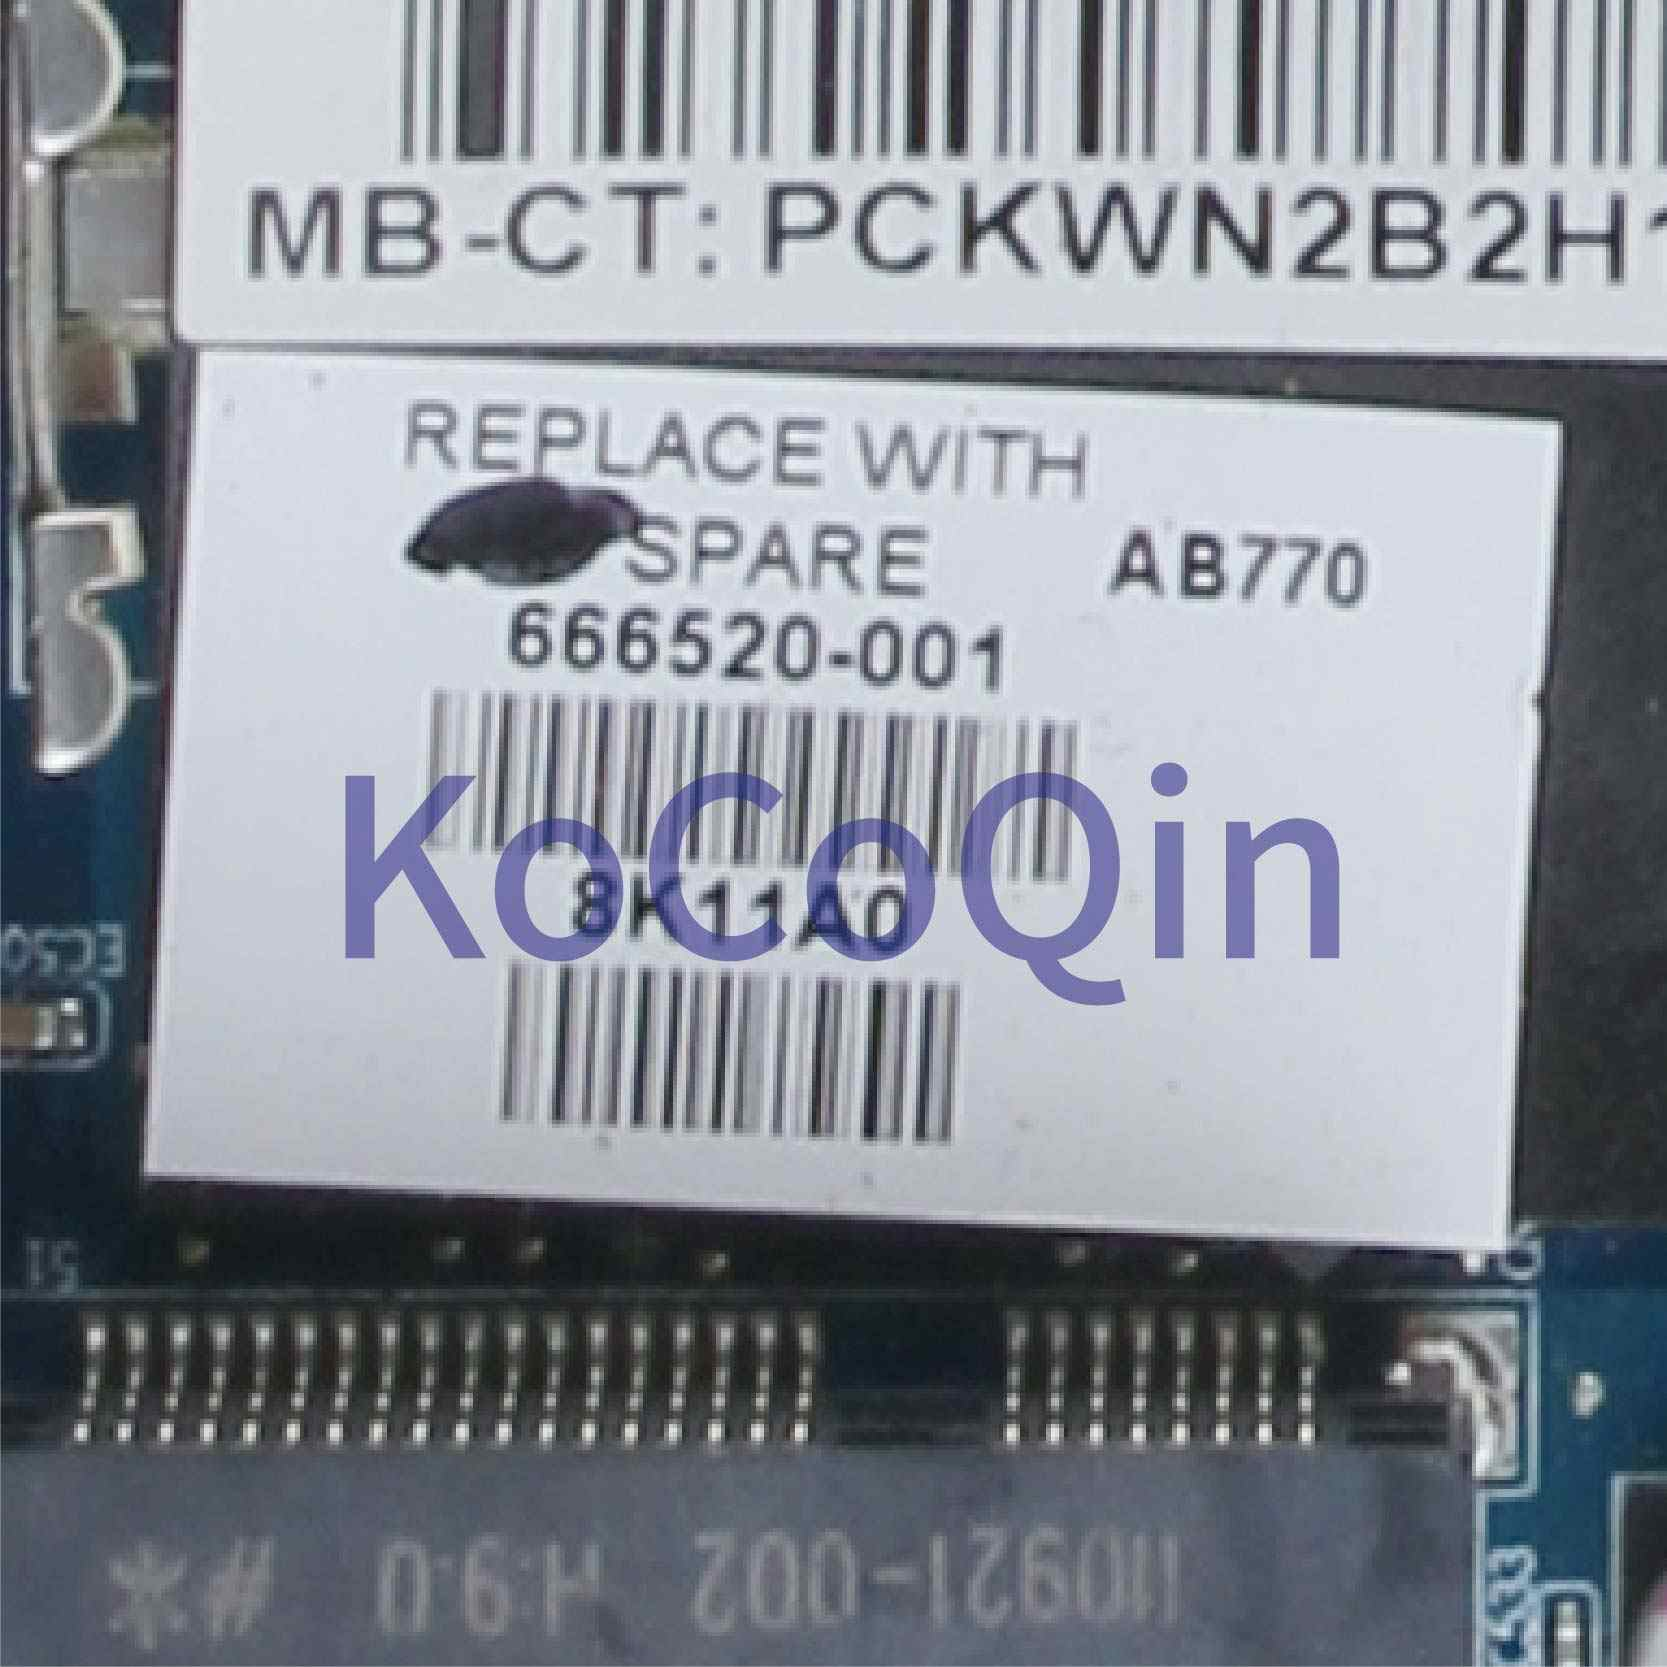 KoCoQin เมนบอร์ดแล็ปท็อปสำหรับ HP Pavilion DV7 DV7-6000 DV7Z-6100 A70M HD6750 Mainboard 666520-001 666520-501 216- 0810005